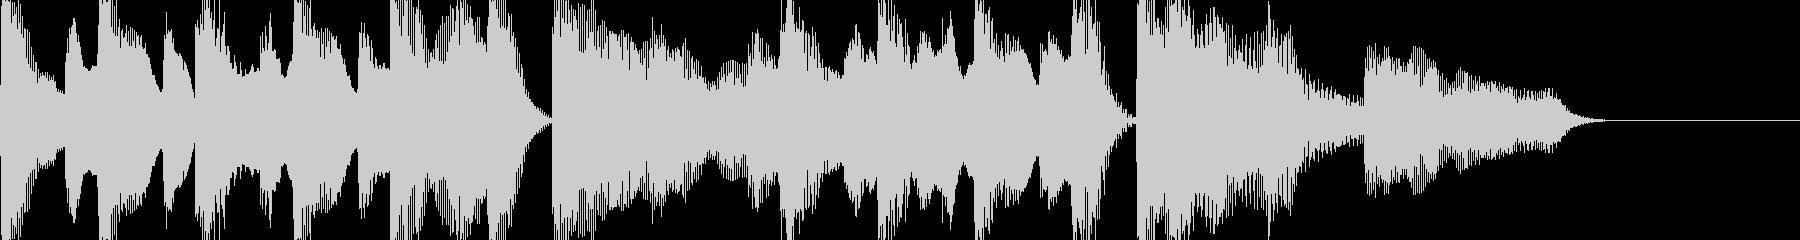 ピアノ 軽快でポップなジングル、ロゴにの未再生の波形